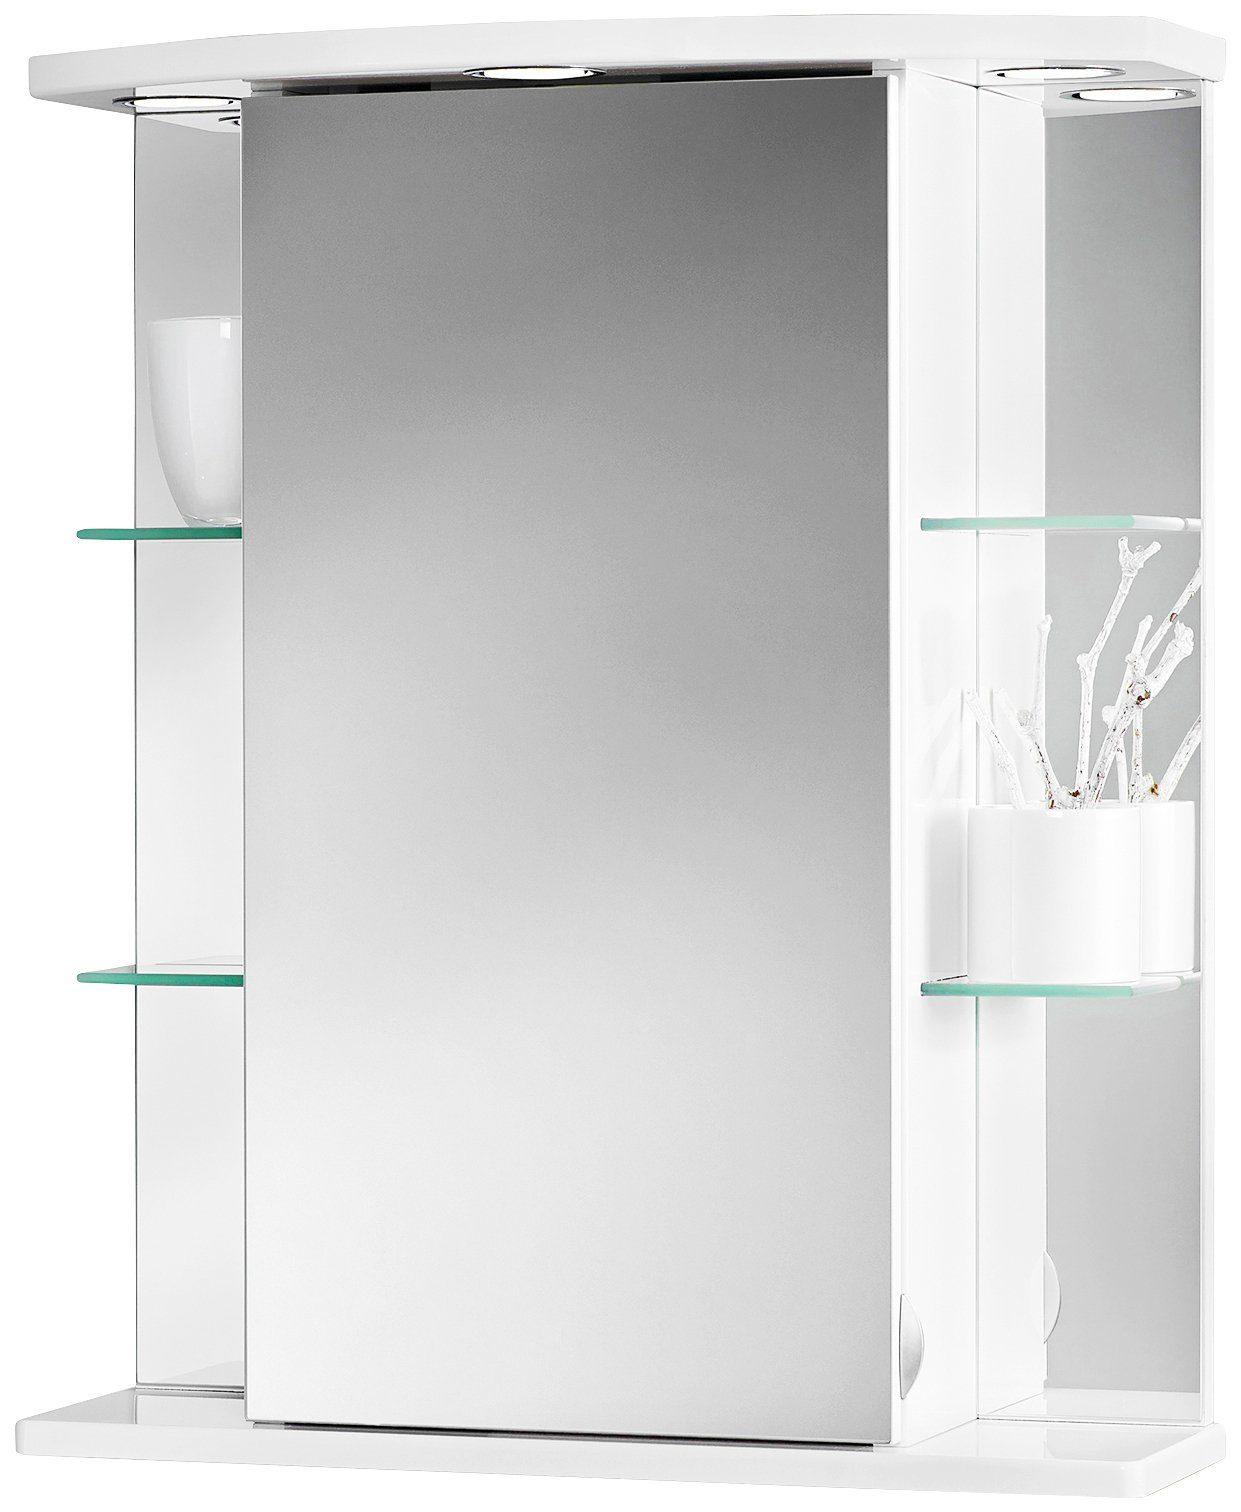 Jokey Spiegelschrank »Havana« Breite 55 cm, mit LED-Beleuchtung